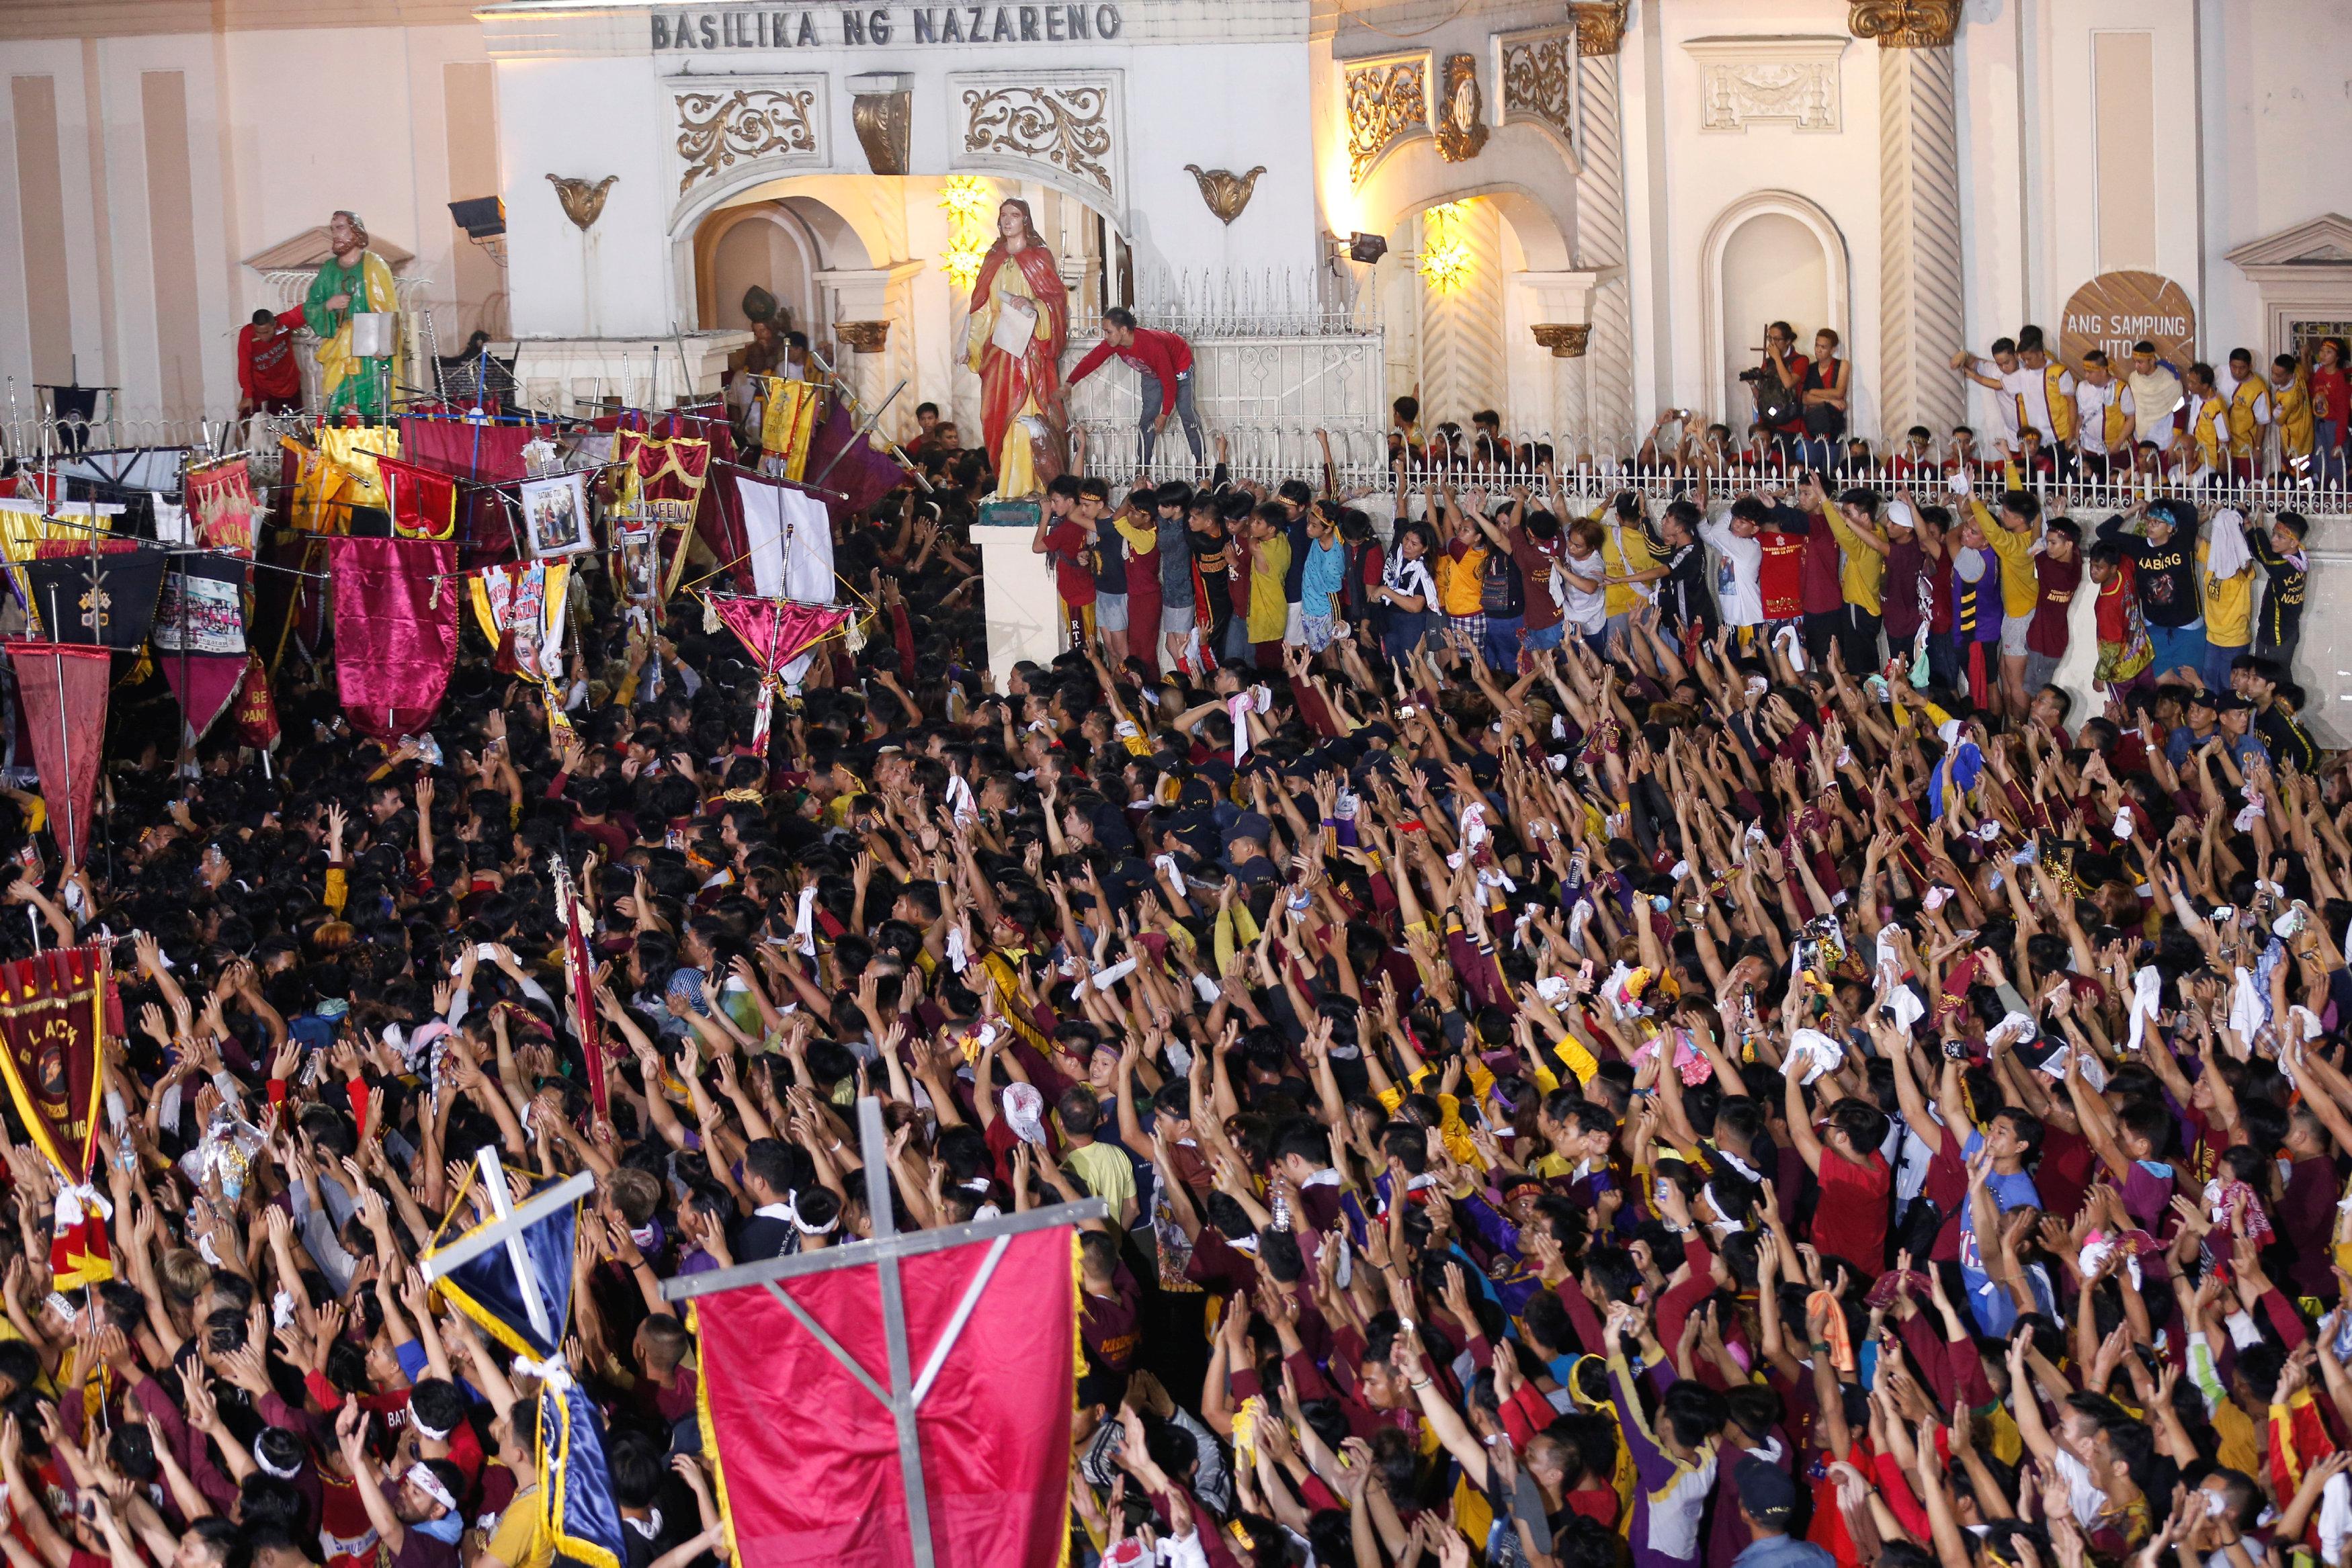 مسيرة الناصرى الأسود بمانيلا (17)